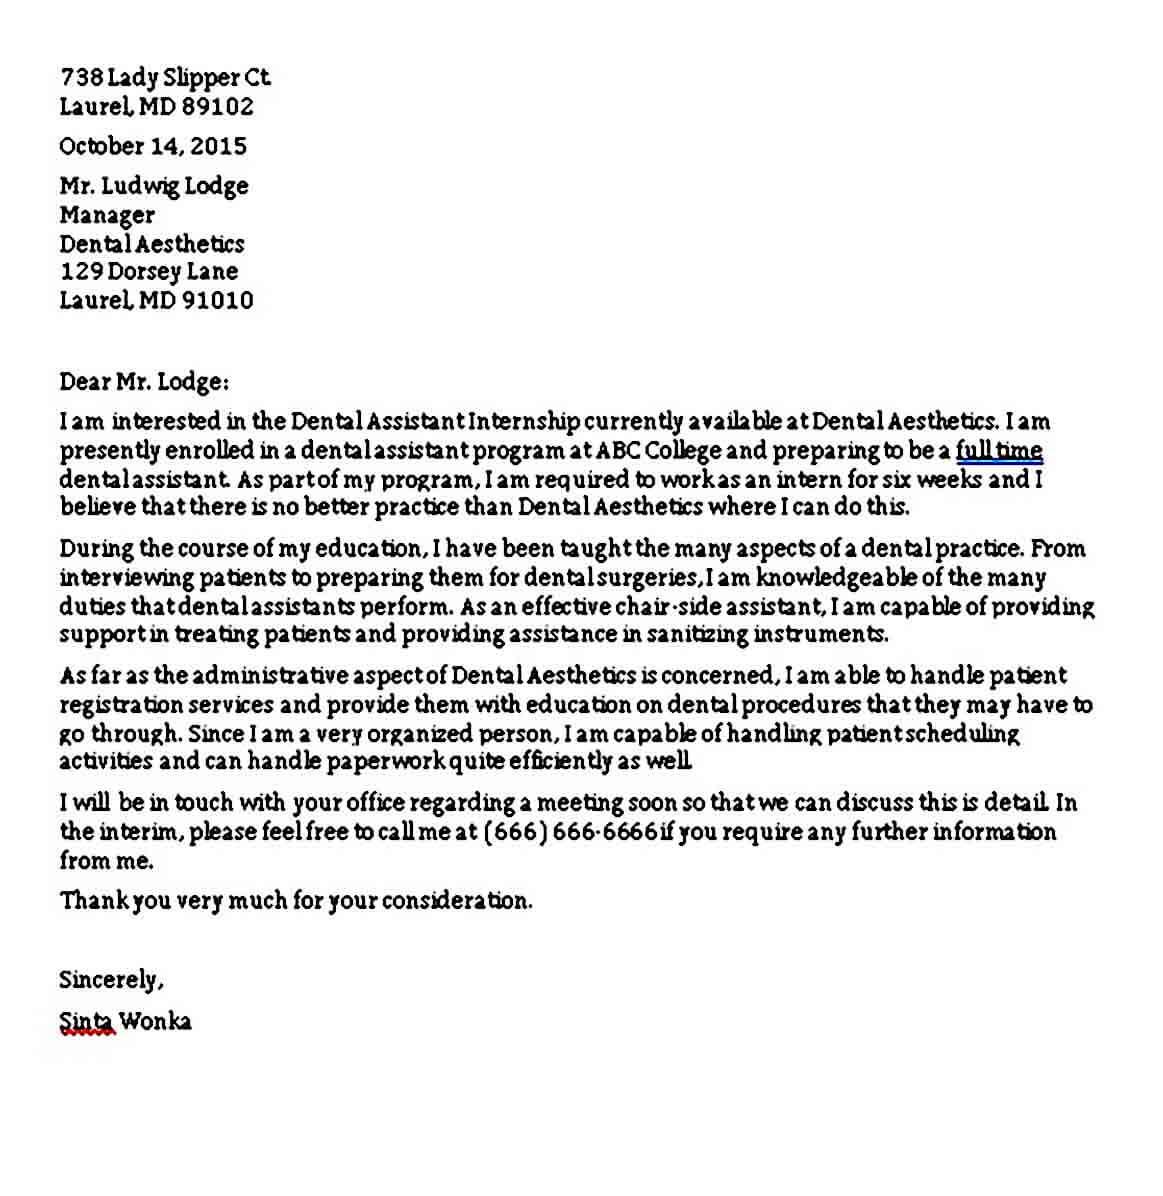 Dental Assistant Cover Letter for Internship